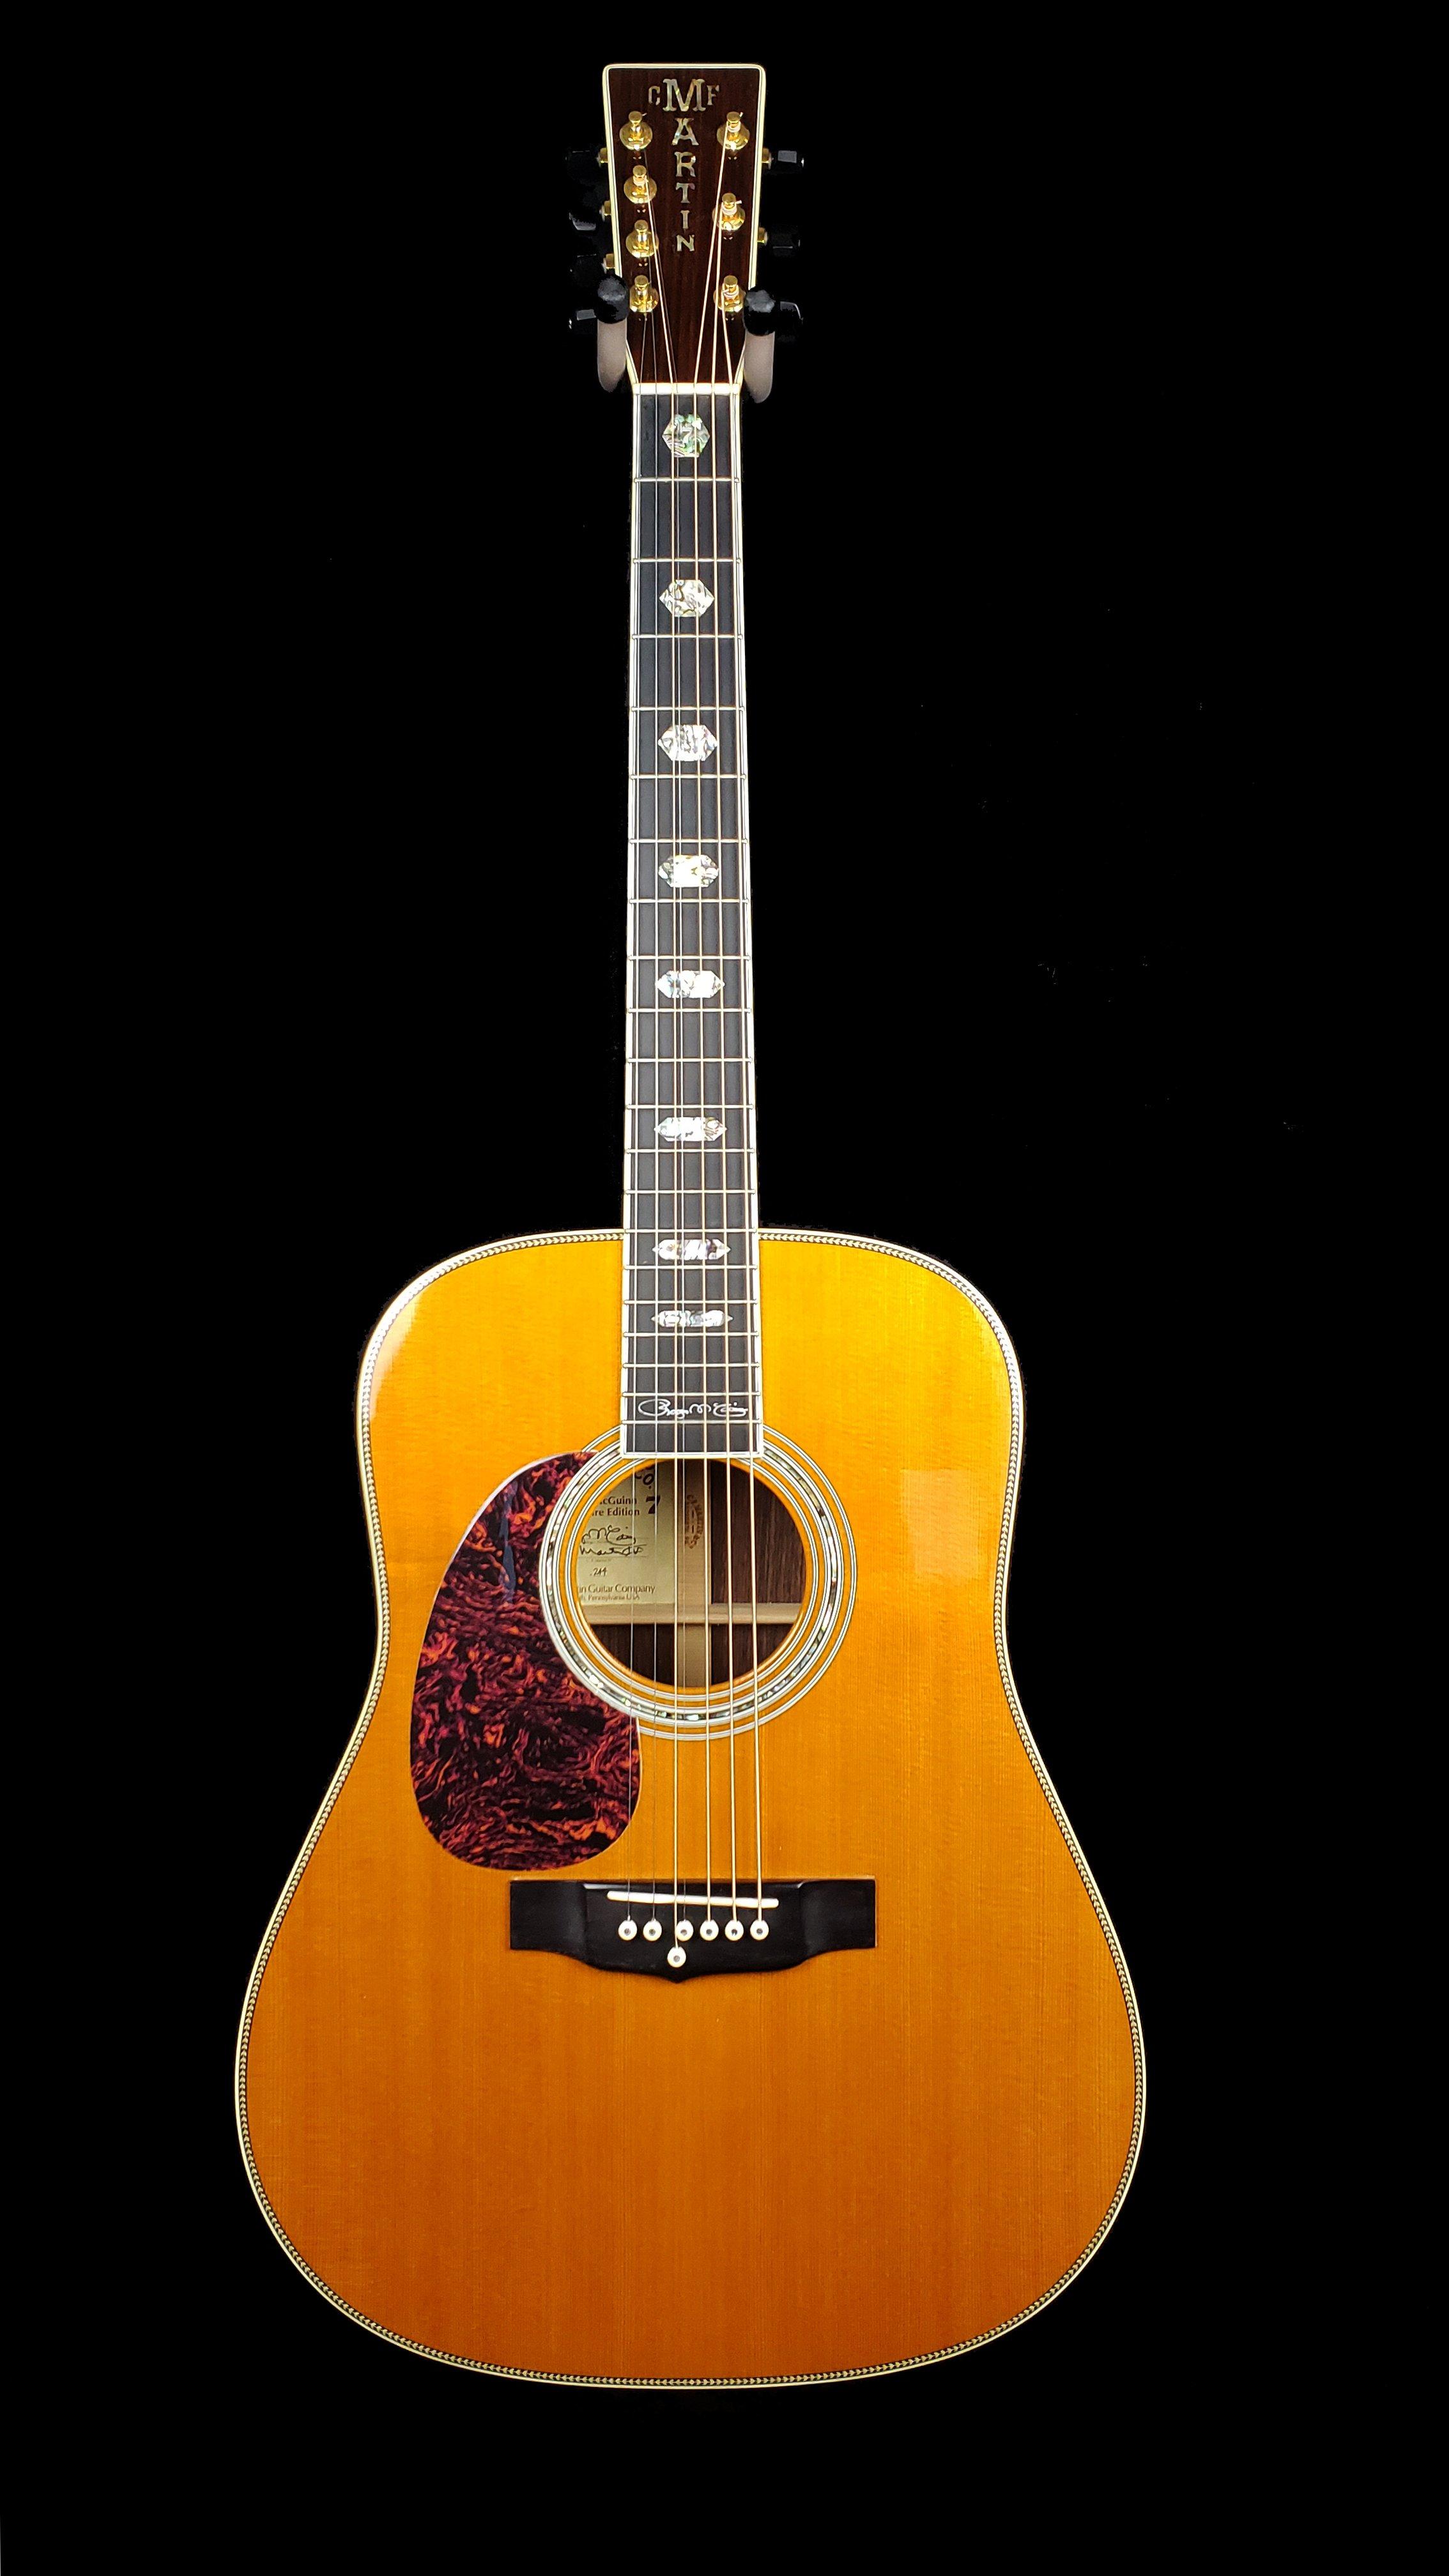 Martin HD-7 Roger McGuinn 7 String Signed